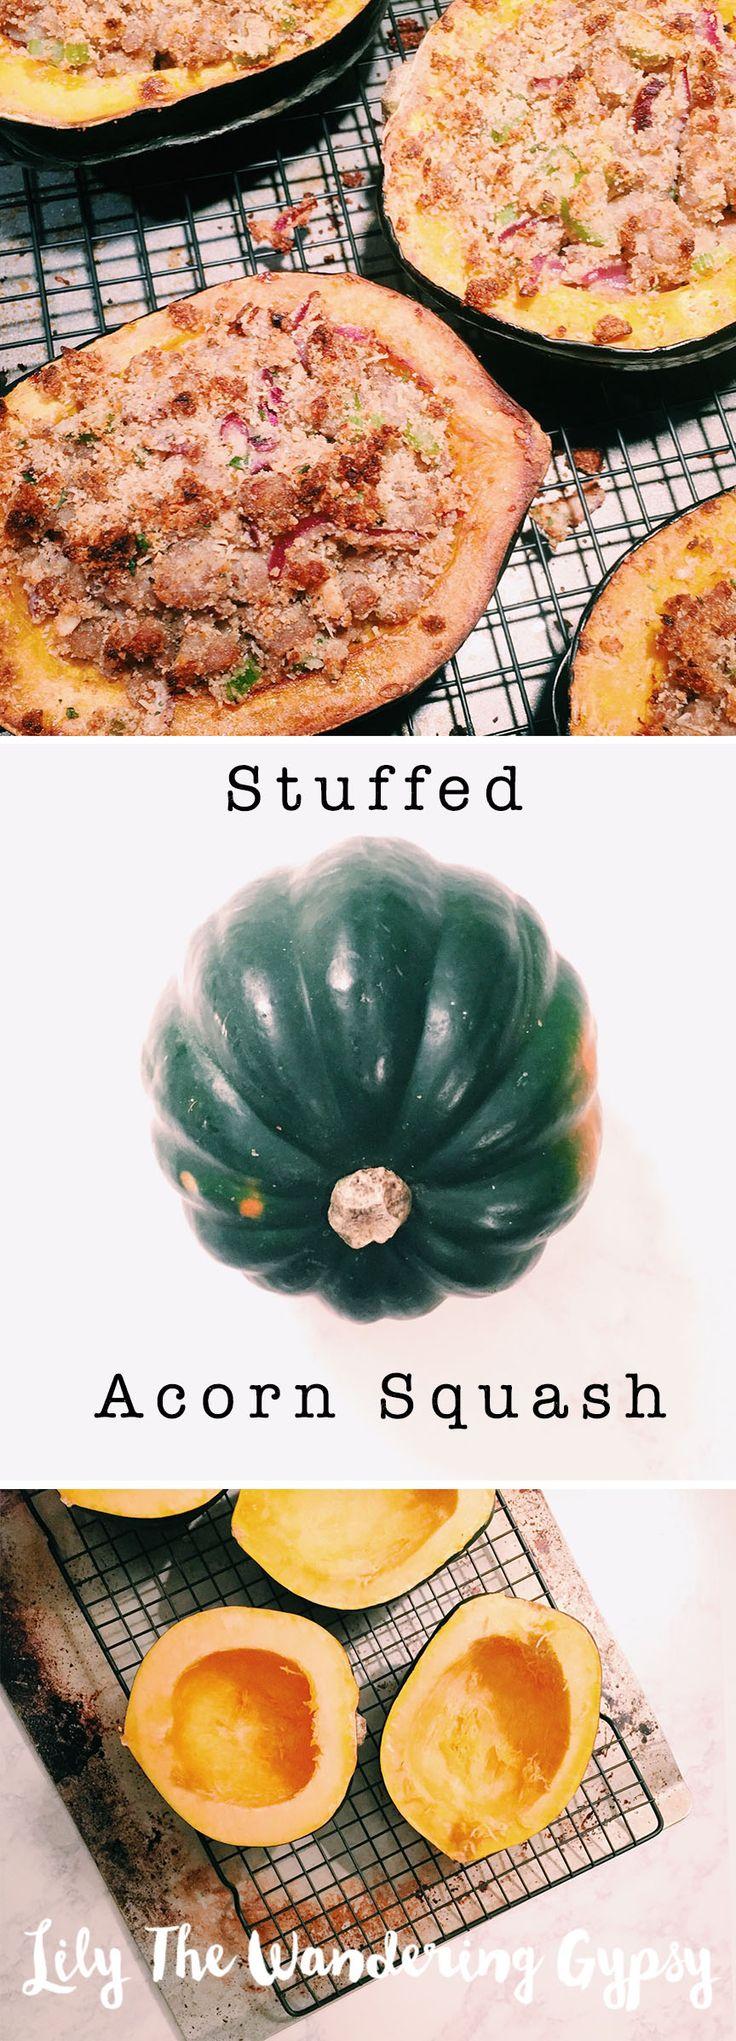 Acorn squash recipes, Stuffed acorn squash and Squash recipe on ...